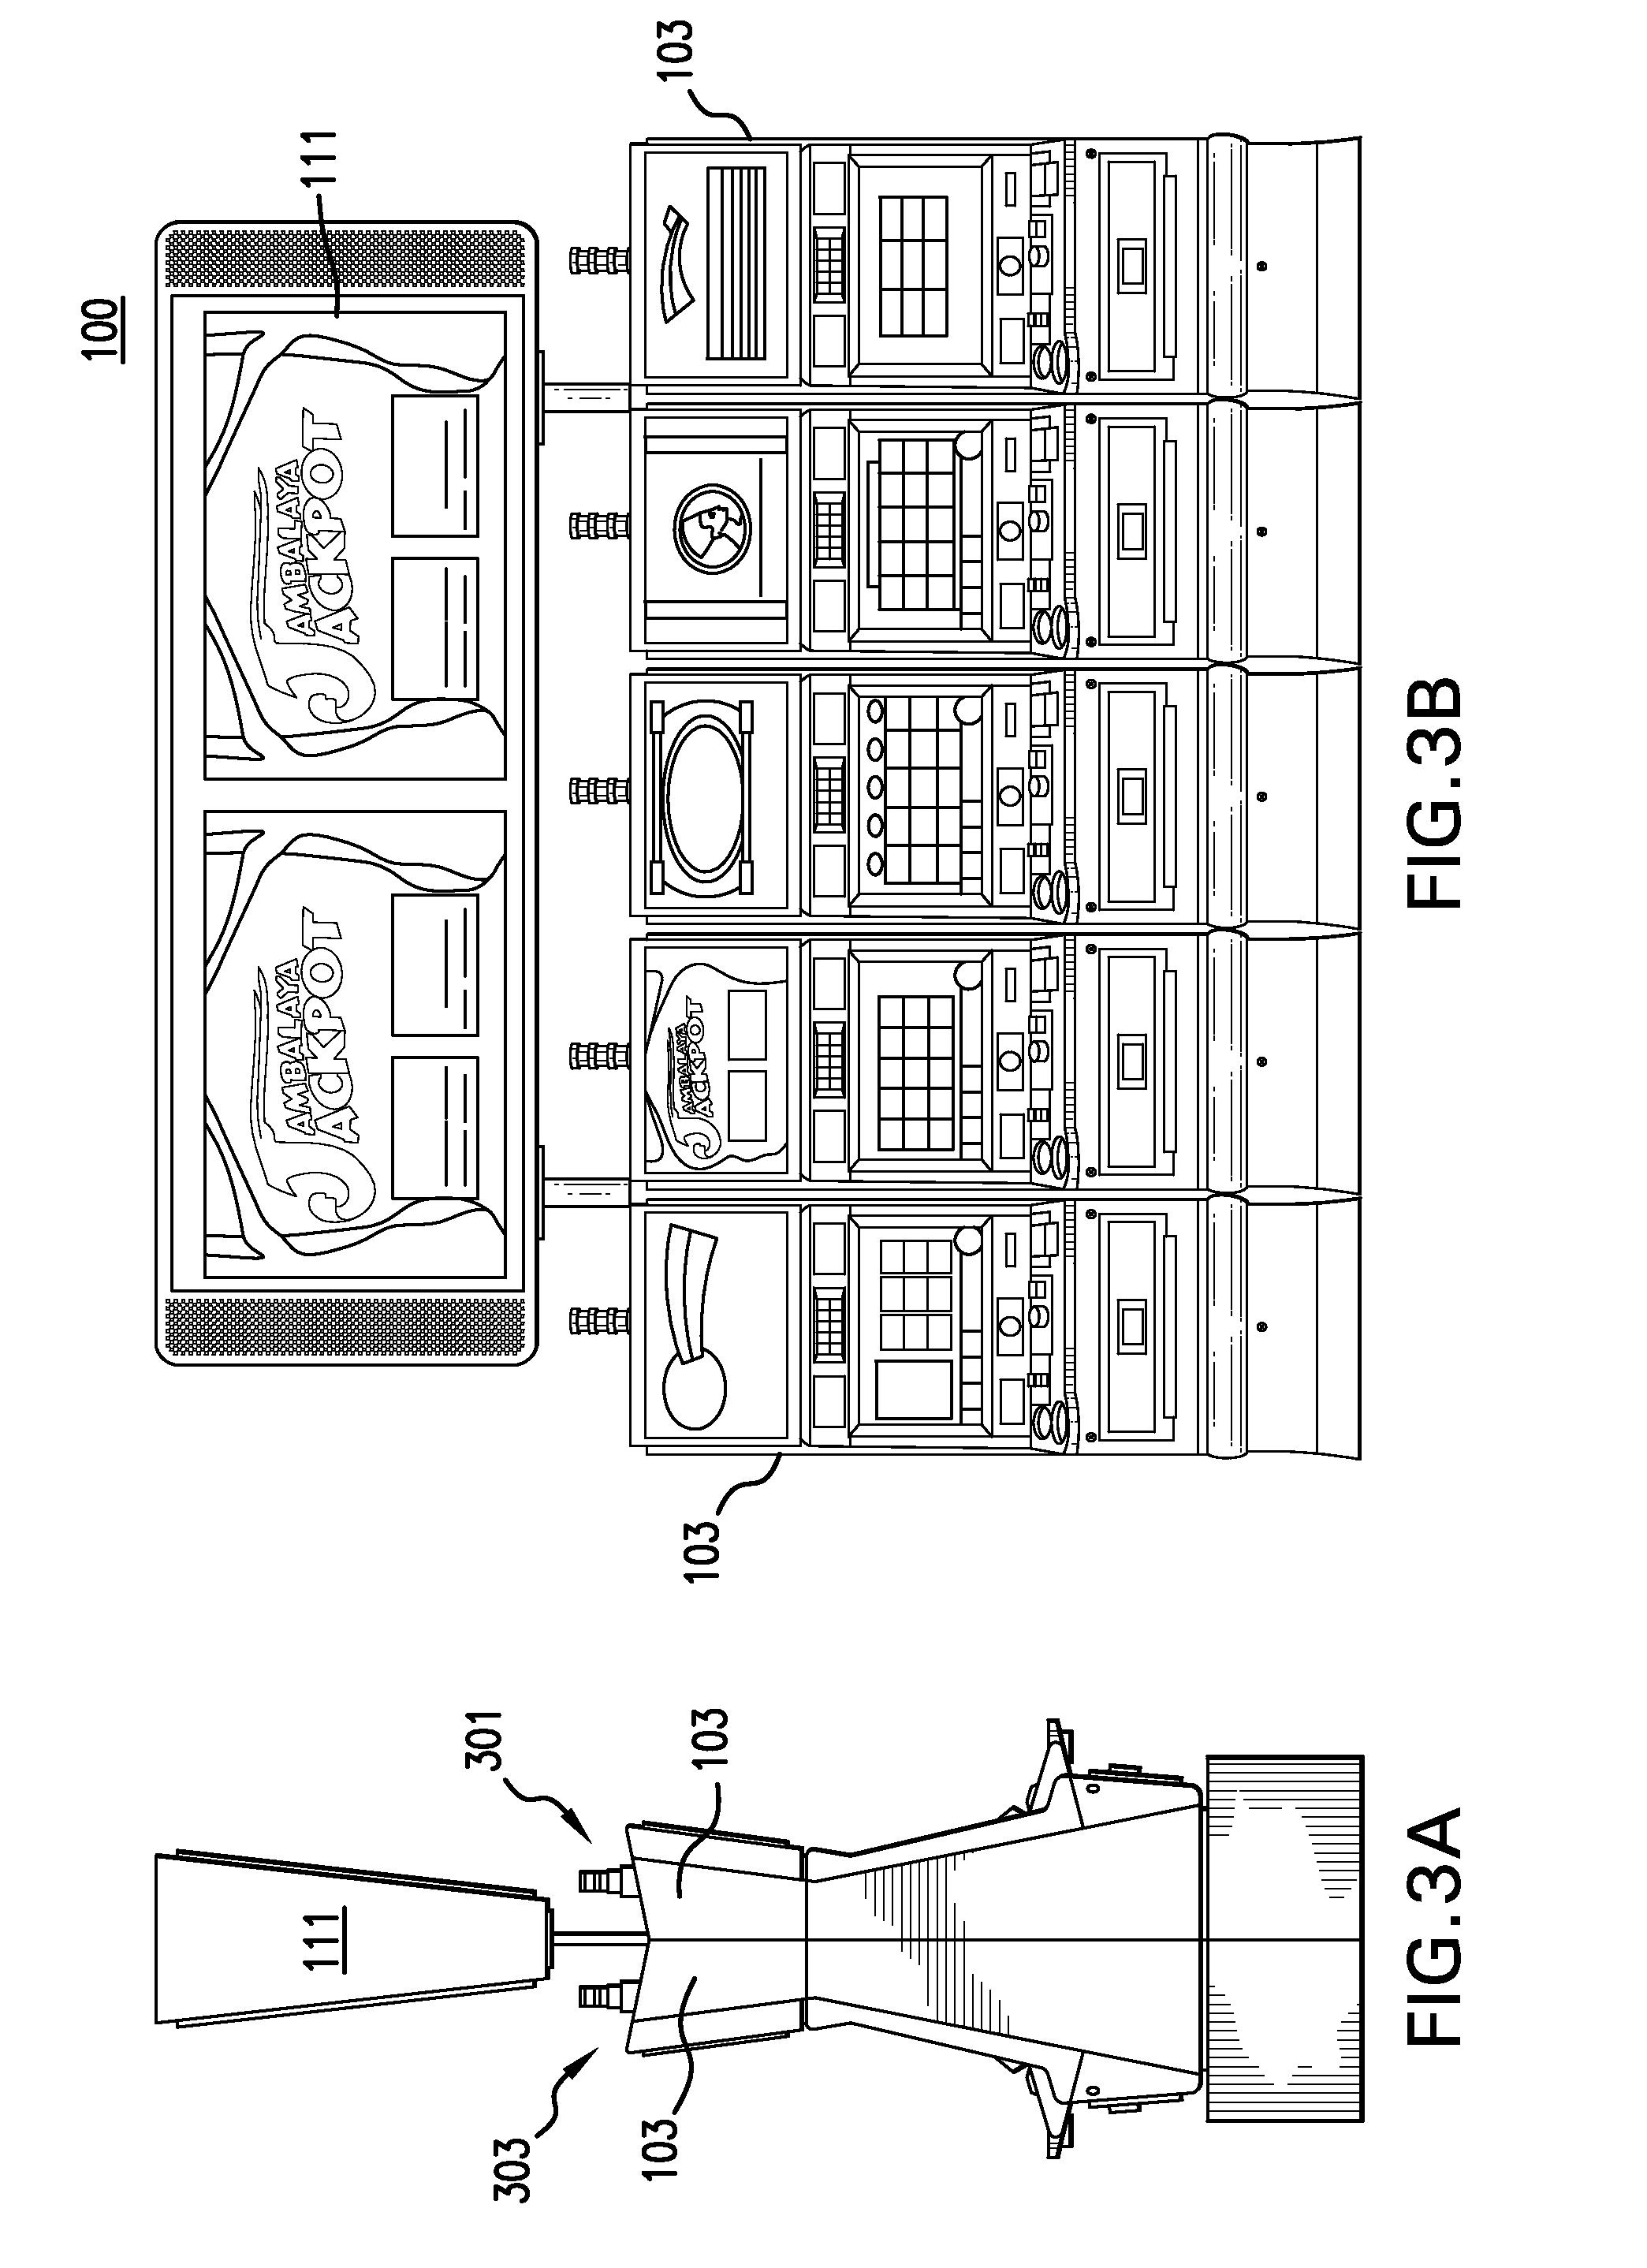 Unique Patent Drawing